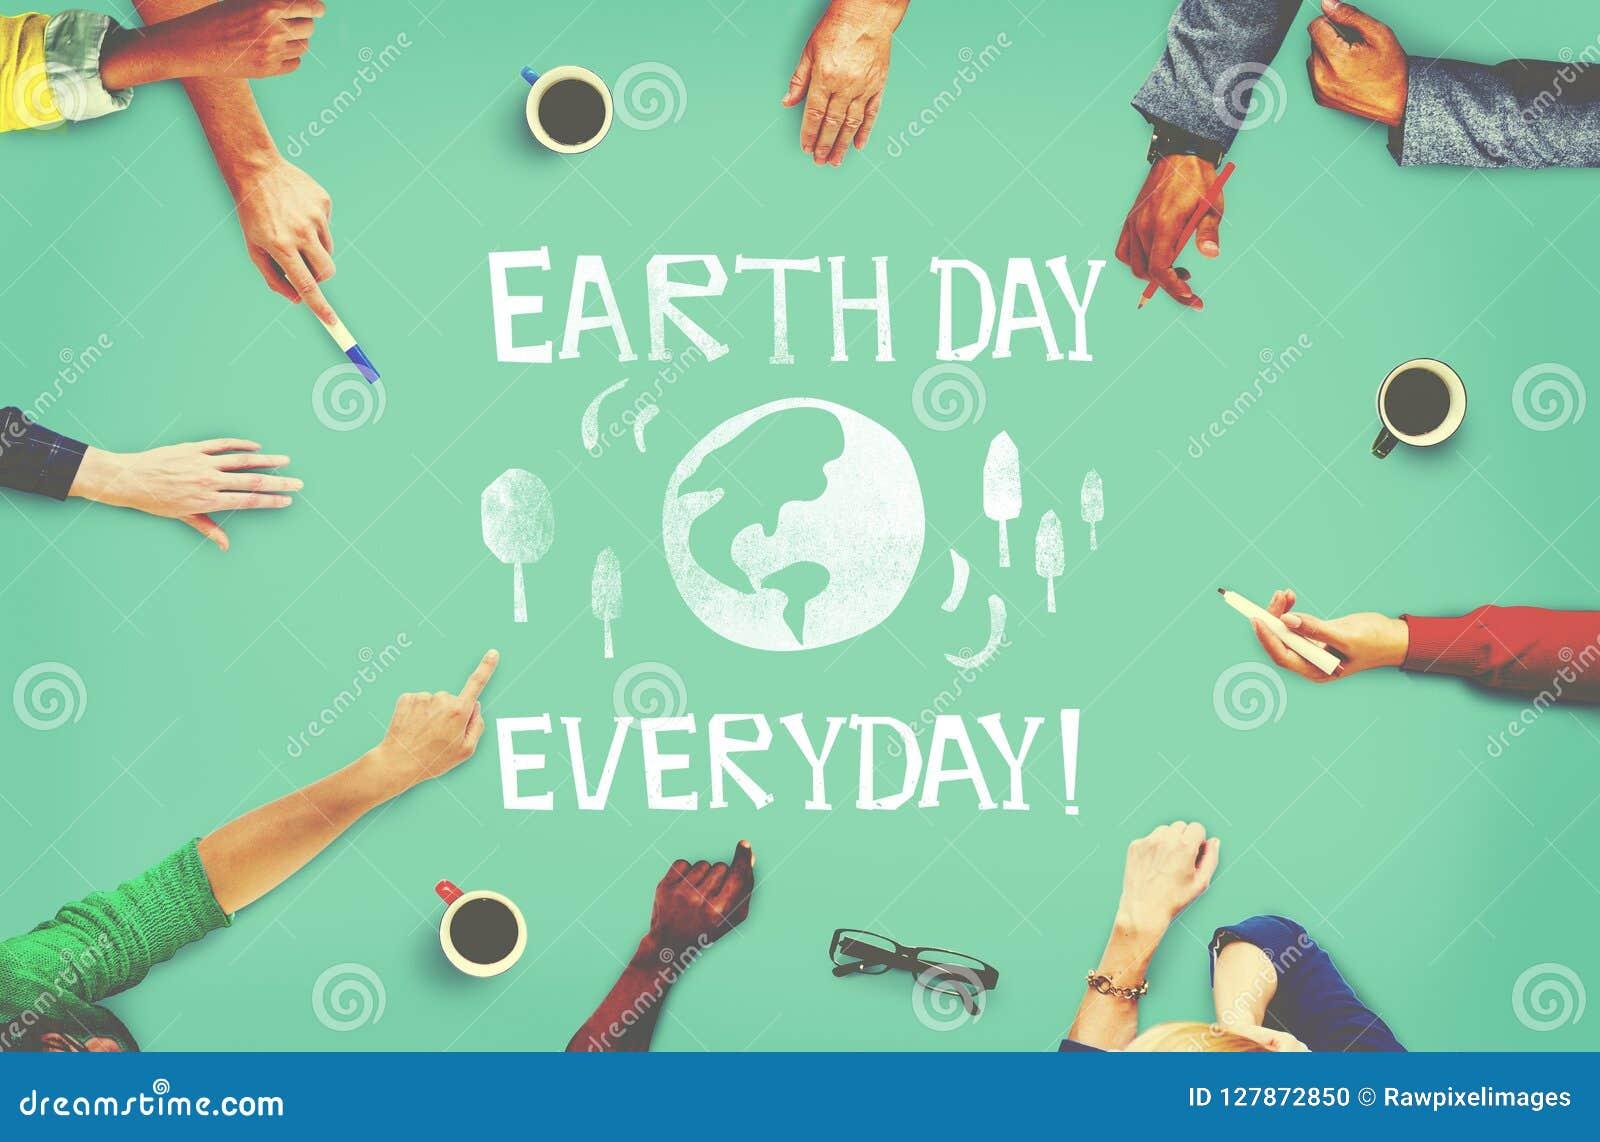 Tag der Erde-Ökologie-Abwehr-Erdkonzept